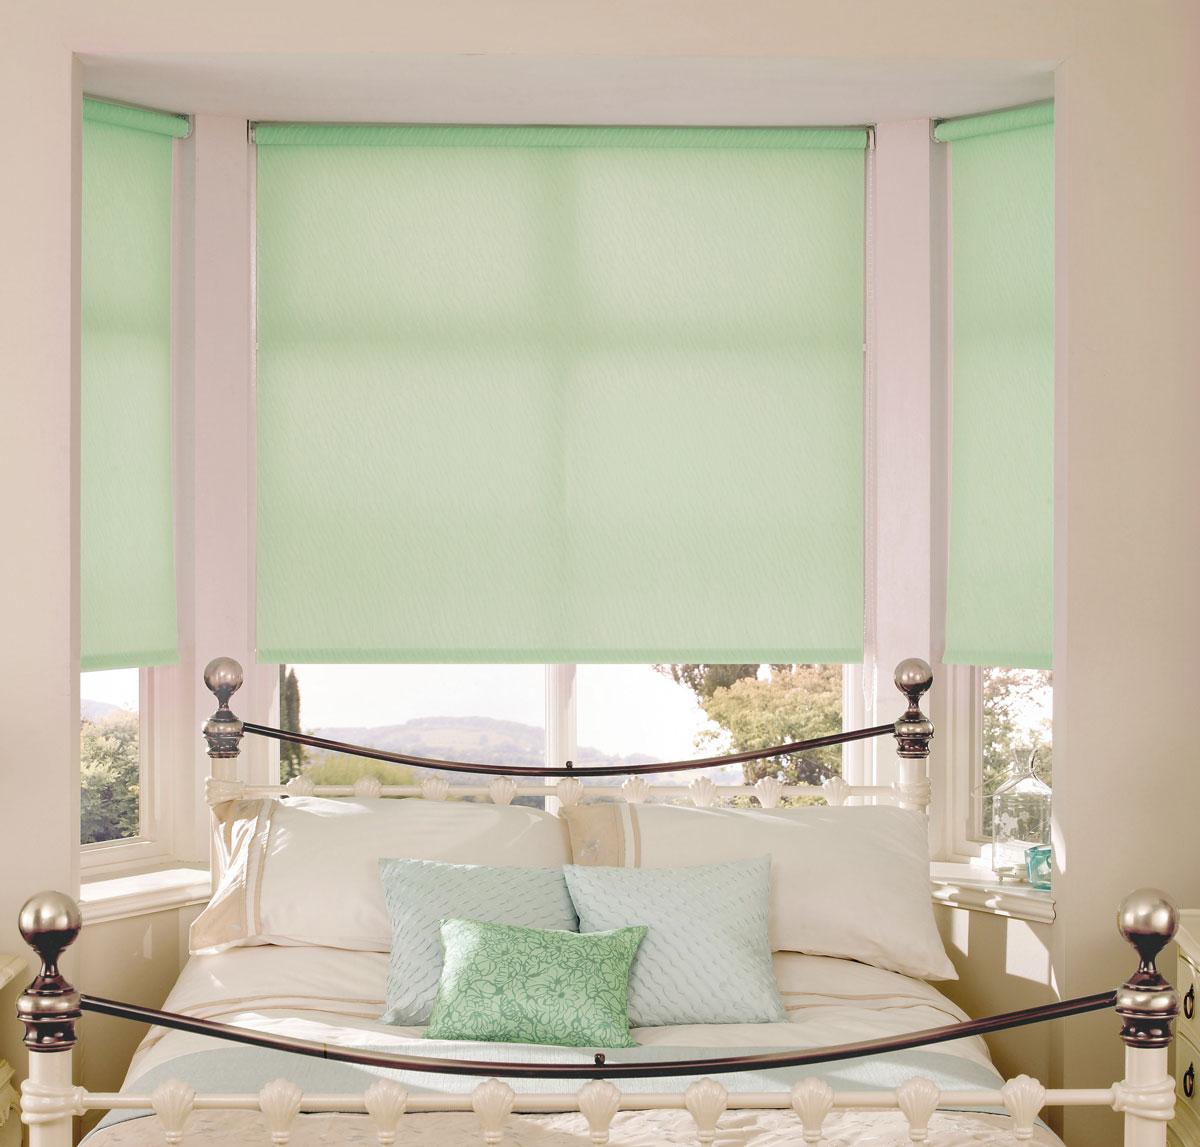 Штора рулонная KauffOrt Миниролло, цвет: светло-зеленый, ширина 68 см, высота 170 смSVC-300Рулонная штора Миниролло выполнена из высокопрочной ткани, которая сохраняет свой размер даже при намокании. Ткань не выцветает и обладает отличной цветоустойчивостью.Миниролло - это подвид рулонных штор, который закрывает не весь оконный проем, а непосредственно само стекло. Такие шторы крепятся на раму без сверления при помощи зажимов или клейкой двухсторонней ленты (в комплекте). Окно остается на гарантии, благодаря монтажу без сверления. Такая штора станет прекрасным элементом декора окна и гармонично впишется в интерьер любого помещения.